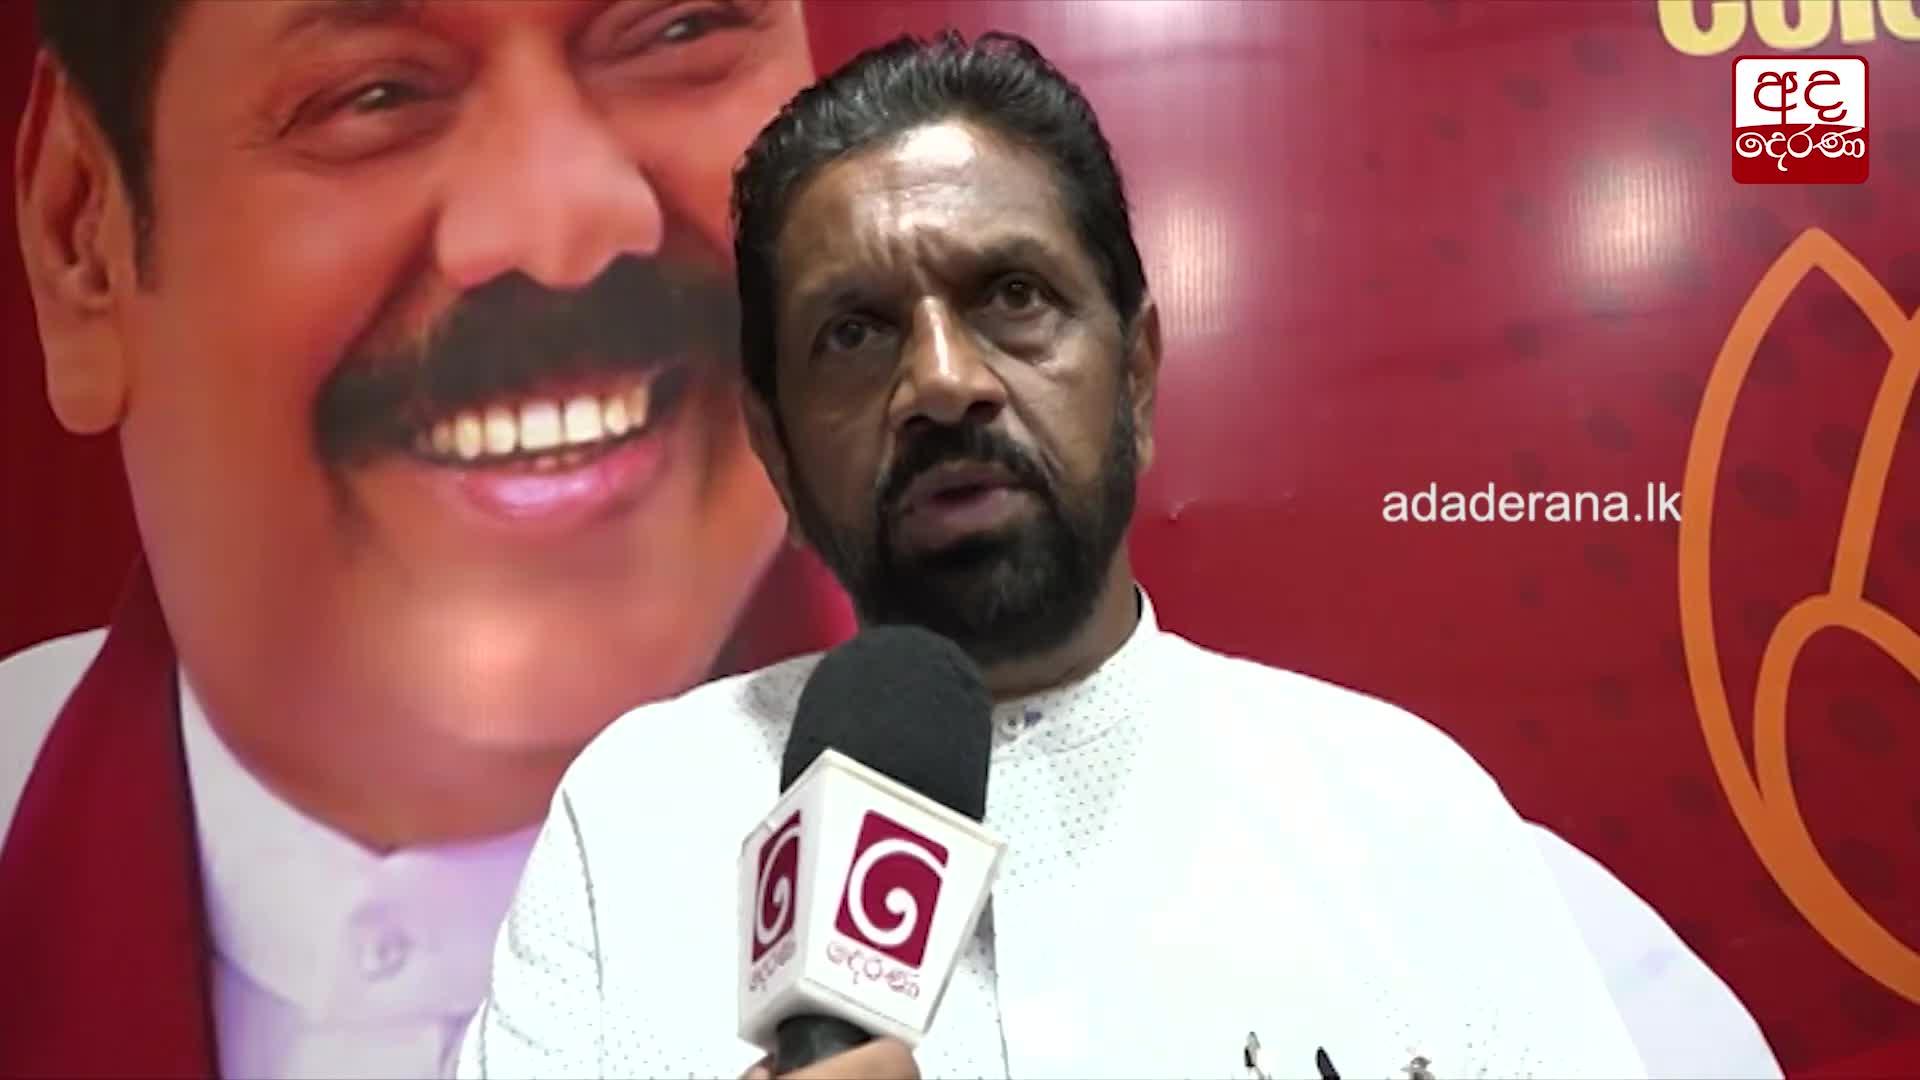 Colombo's Muslims will teach UNP a lesson - A.L.M. Uwais